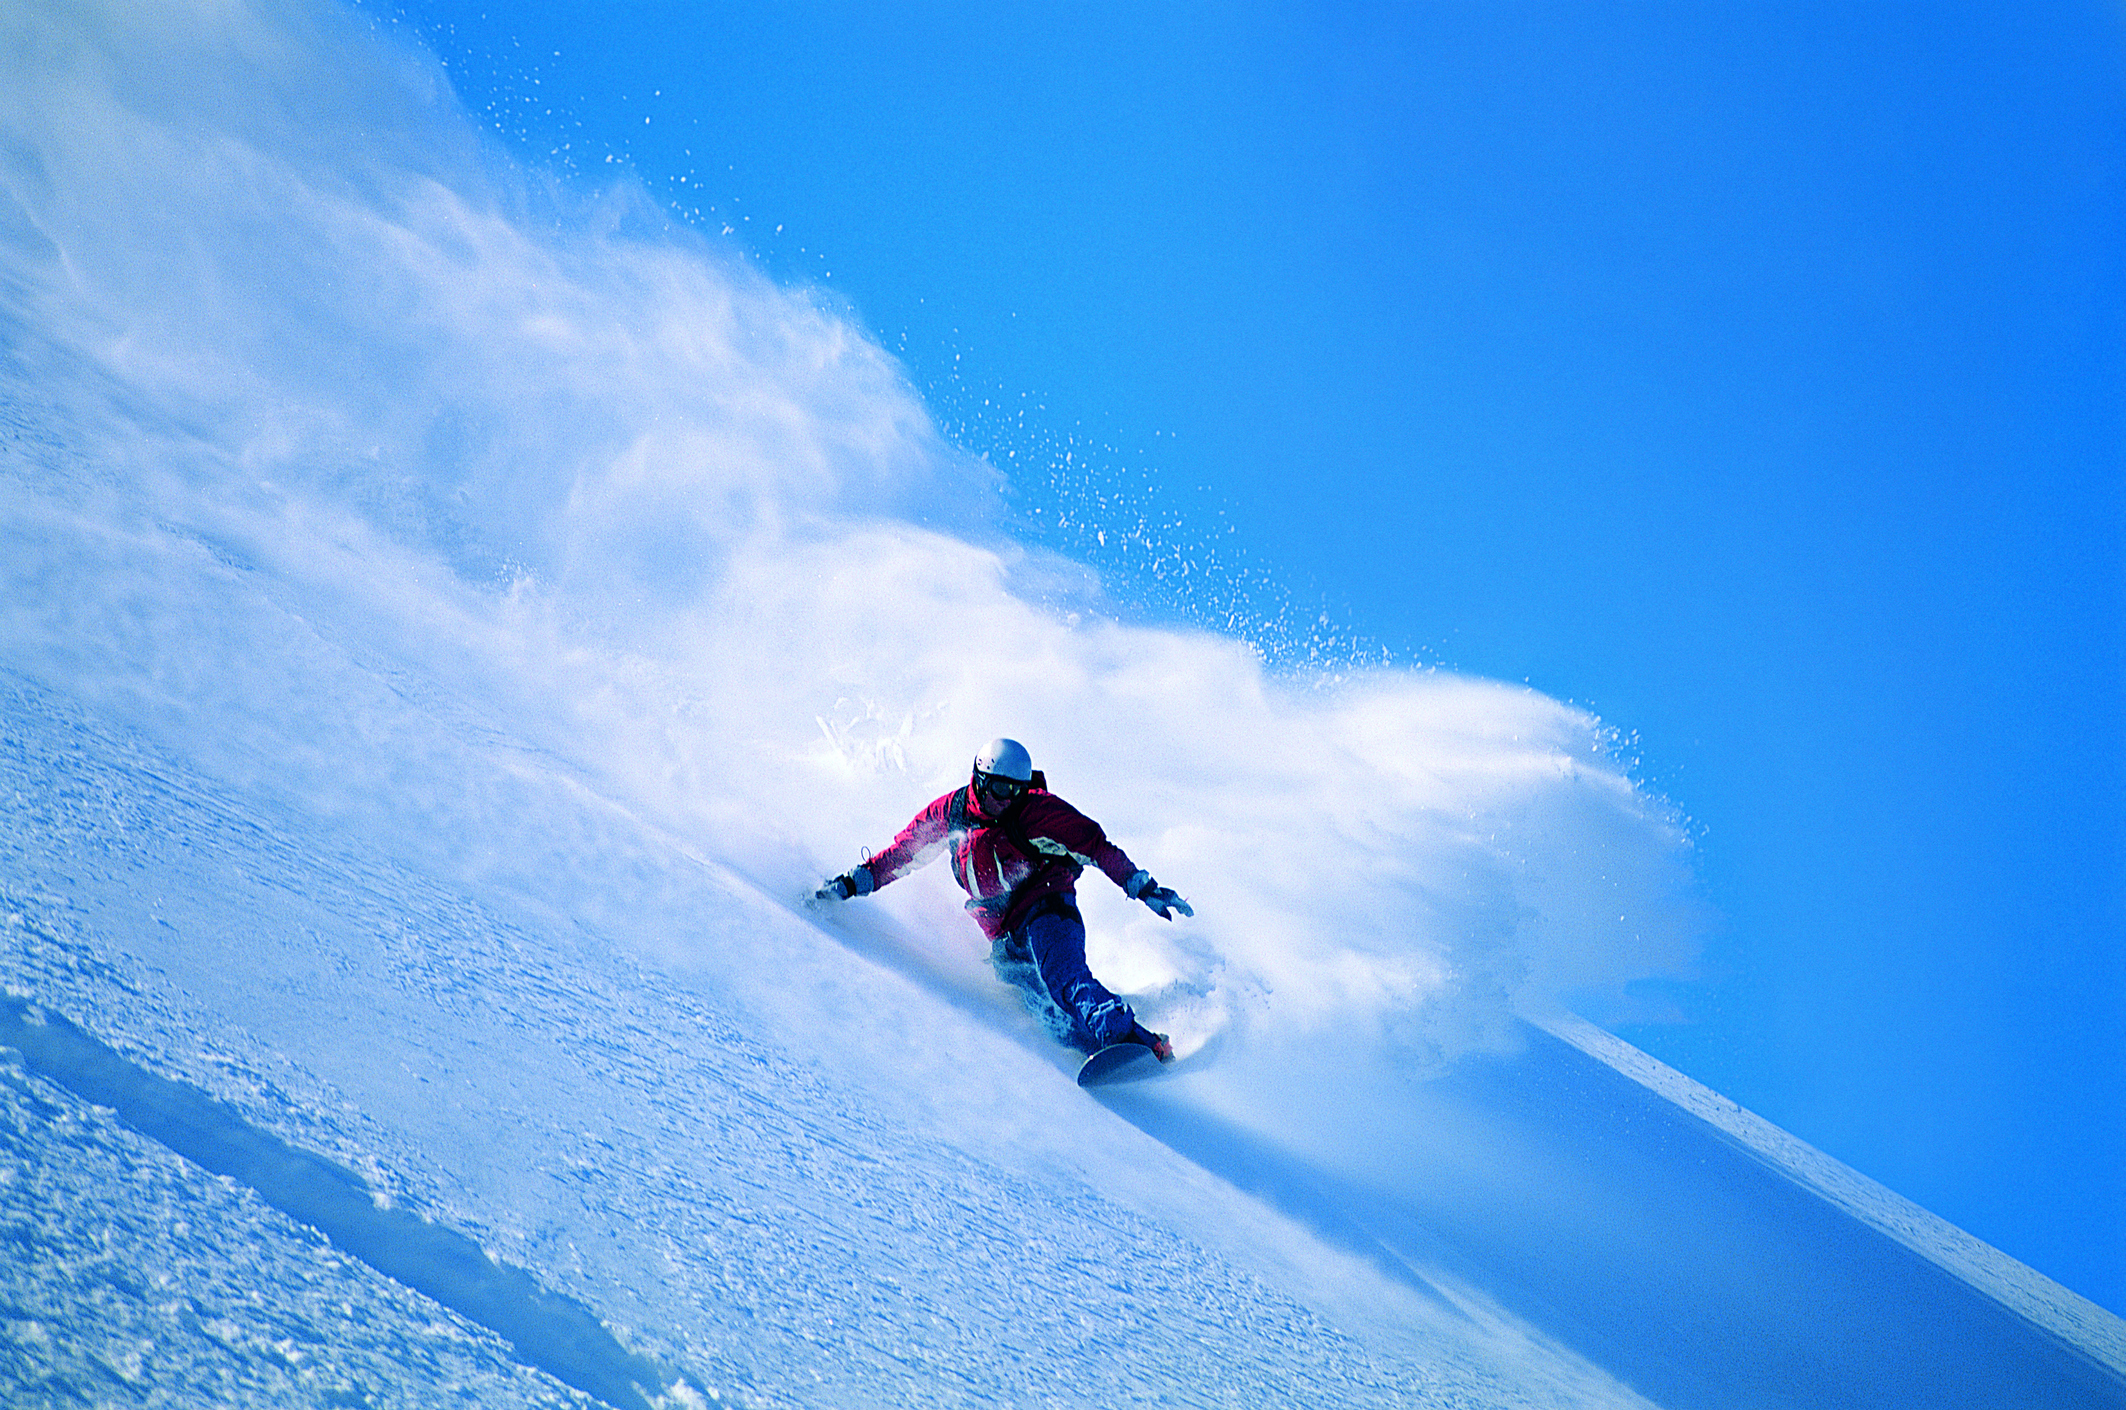 スキー場でスノーボードする様子